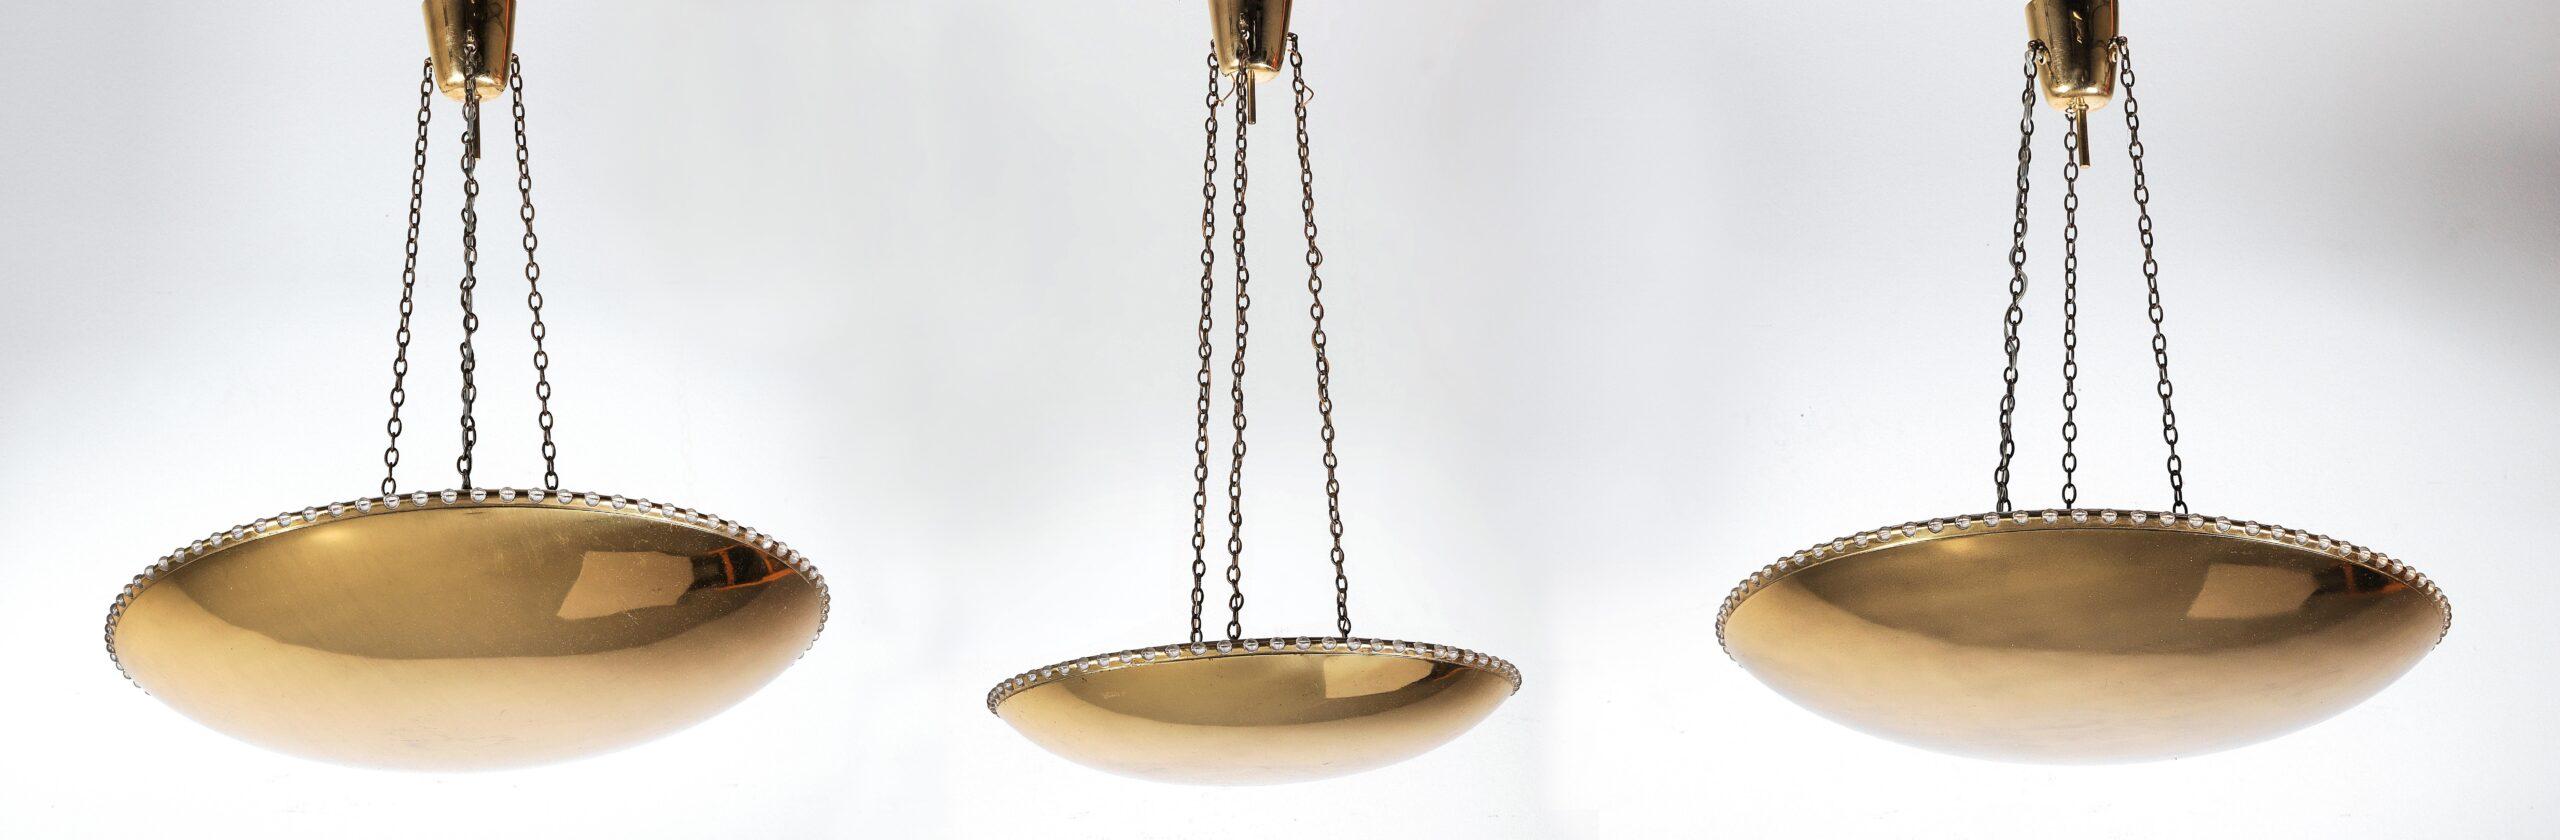 Full Size of Hängelampen Zwei Hngelampen Mod 3152 Und Eine Hngelampe Wohnzimmer Hängelampen